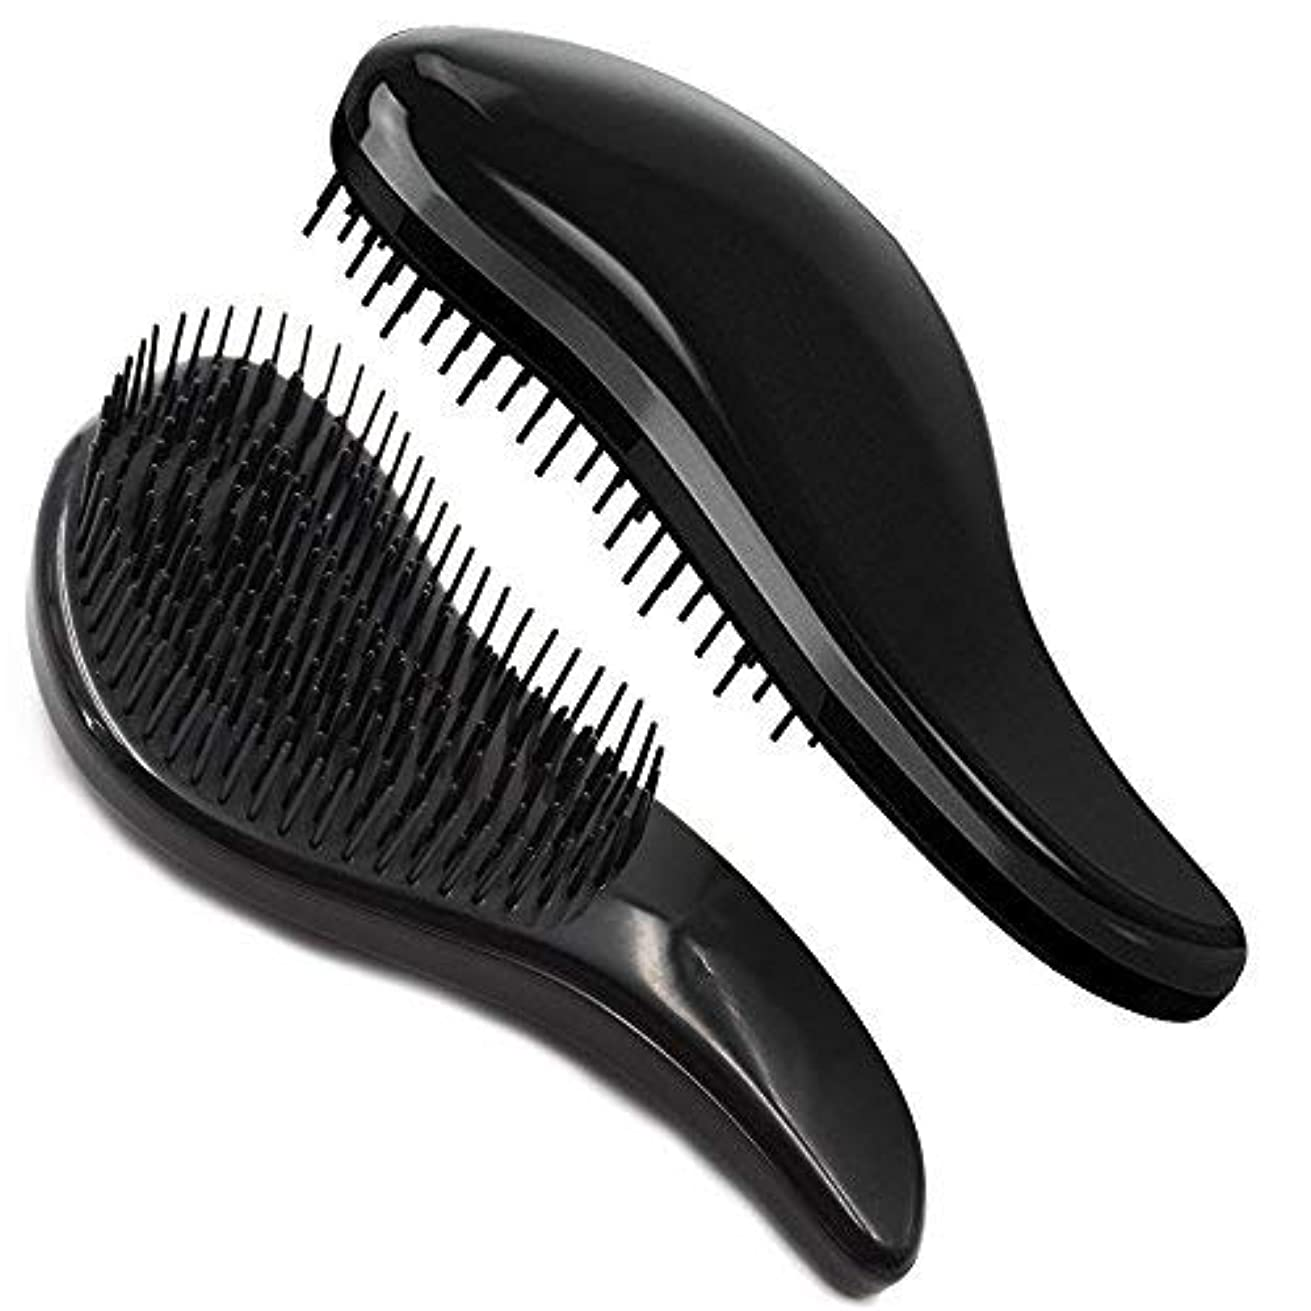 Brush Master Detangler Hair Comb Hair Brush for Wet Hair Curly Hair Straight Hair for Women Men Kids Black [並行輸入品]